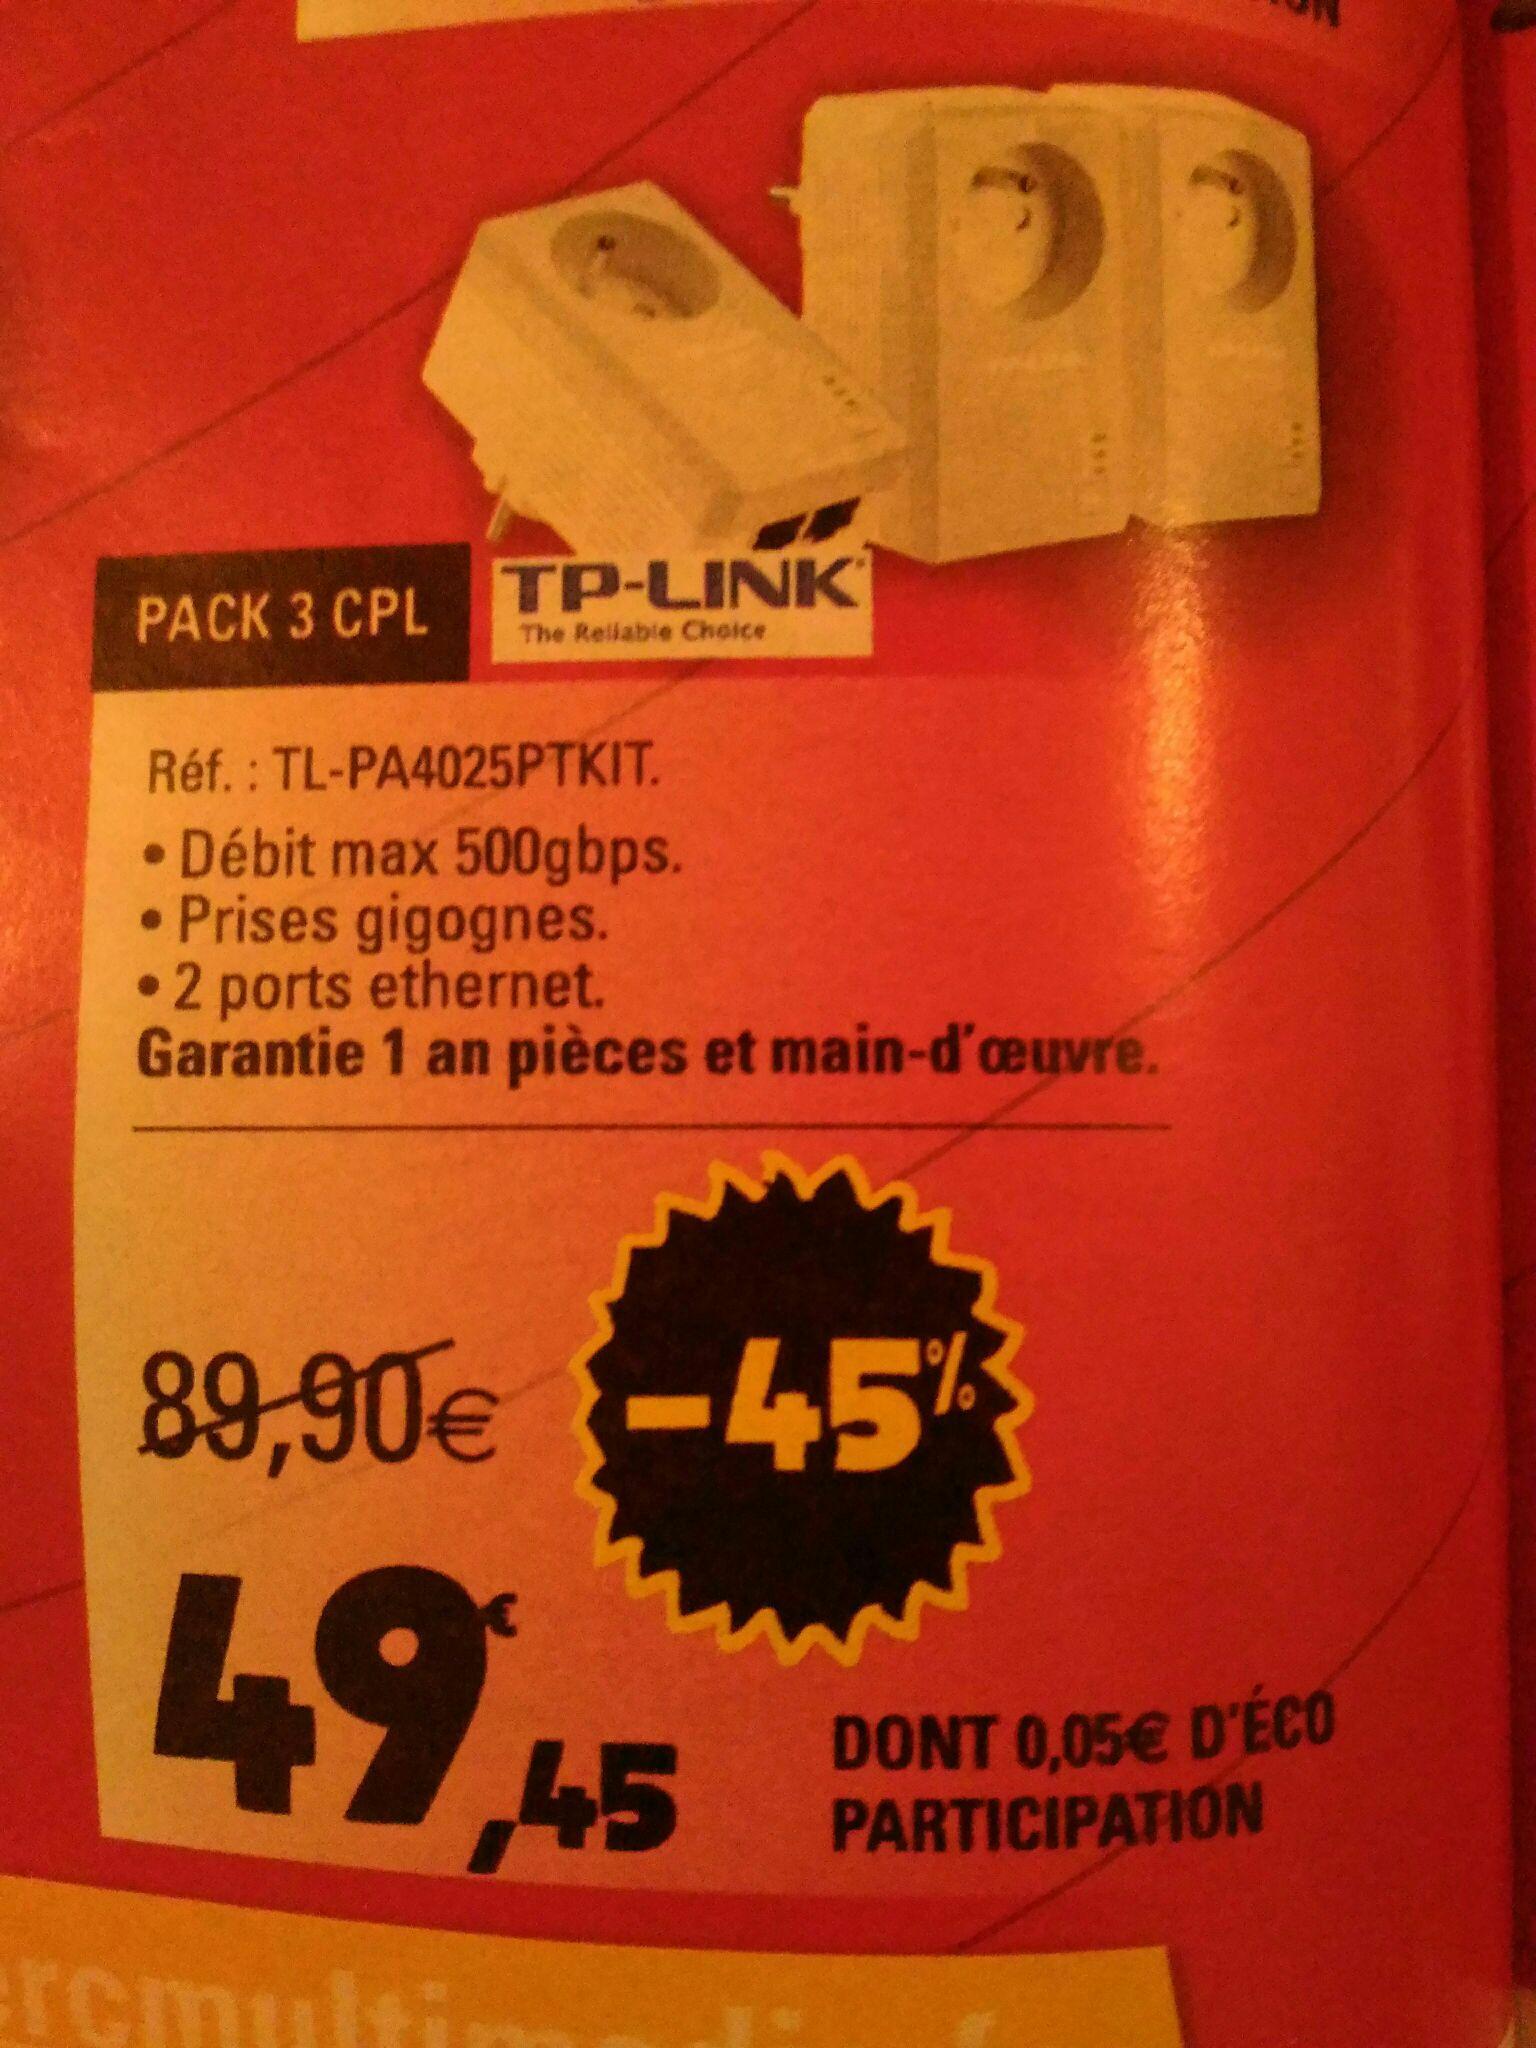 Pack de 3 CPL TP-Link TL-PA4025PTKIT 500 Mpbs (2 Ports Ethernet, Prise Intégrée)